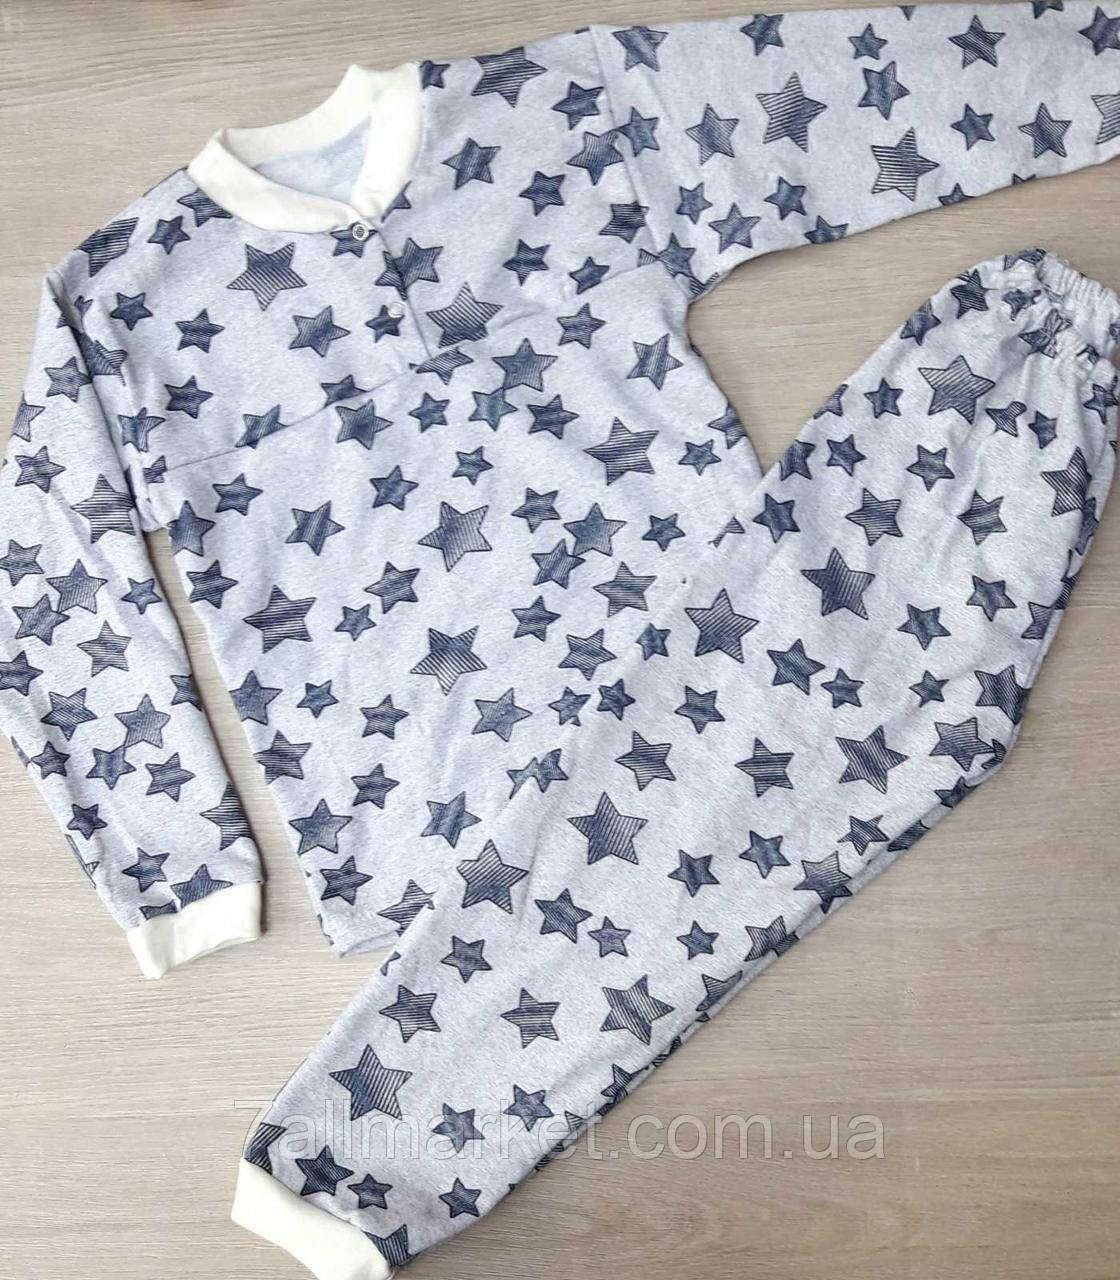 """Пижама детская байковая унисекс  размеры 36-40 """"MARI"""" купить недорого от прямого поставщика"""